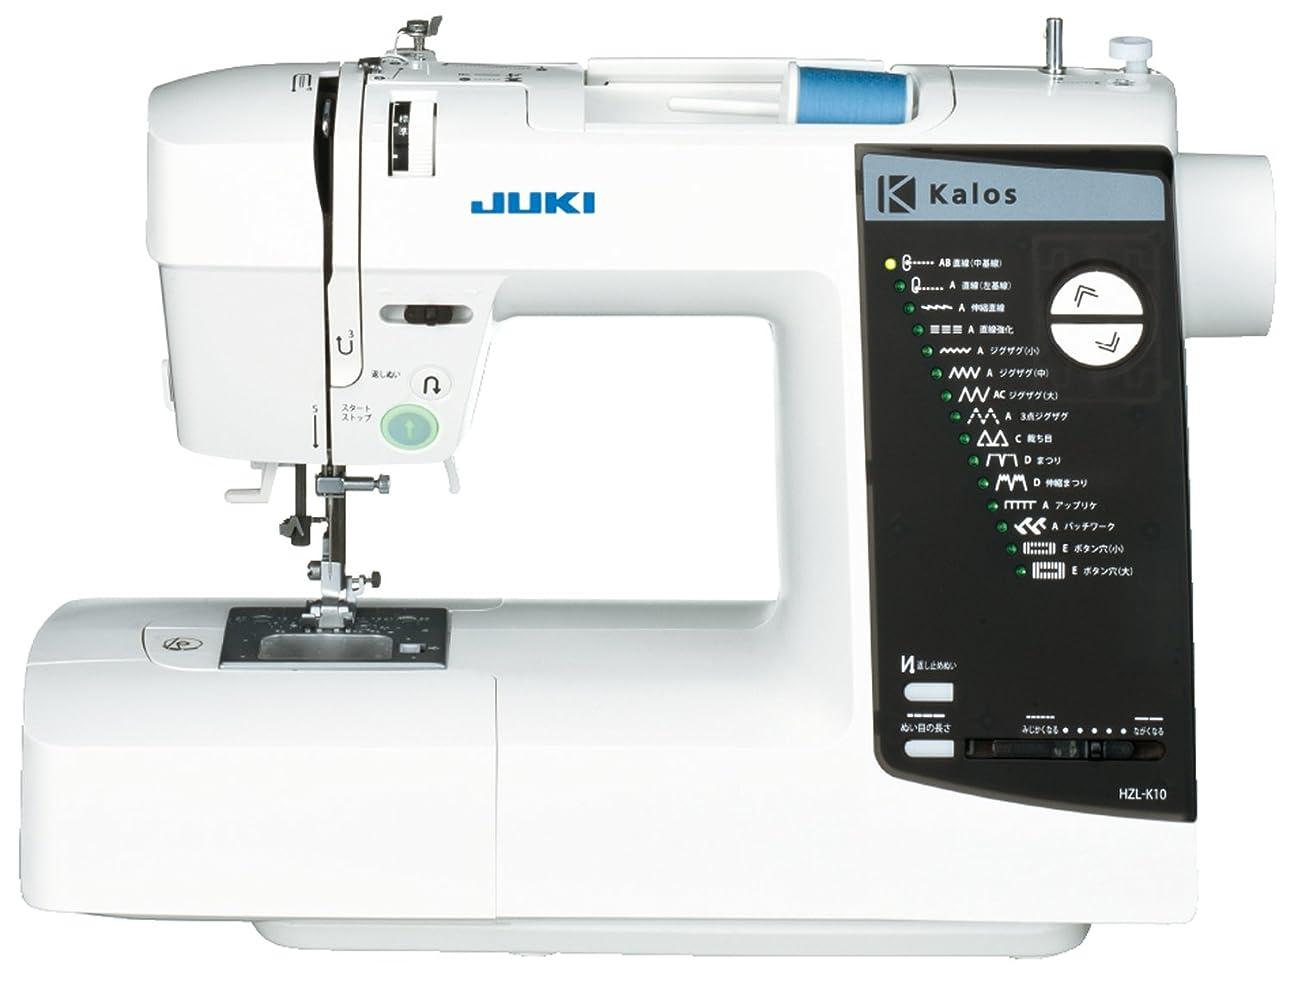 タイプ起訴する光電JUKI コンピューターミシン 『kalos』 ハードケース付き HZL-K10